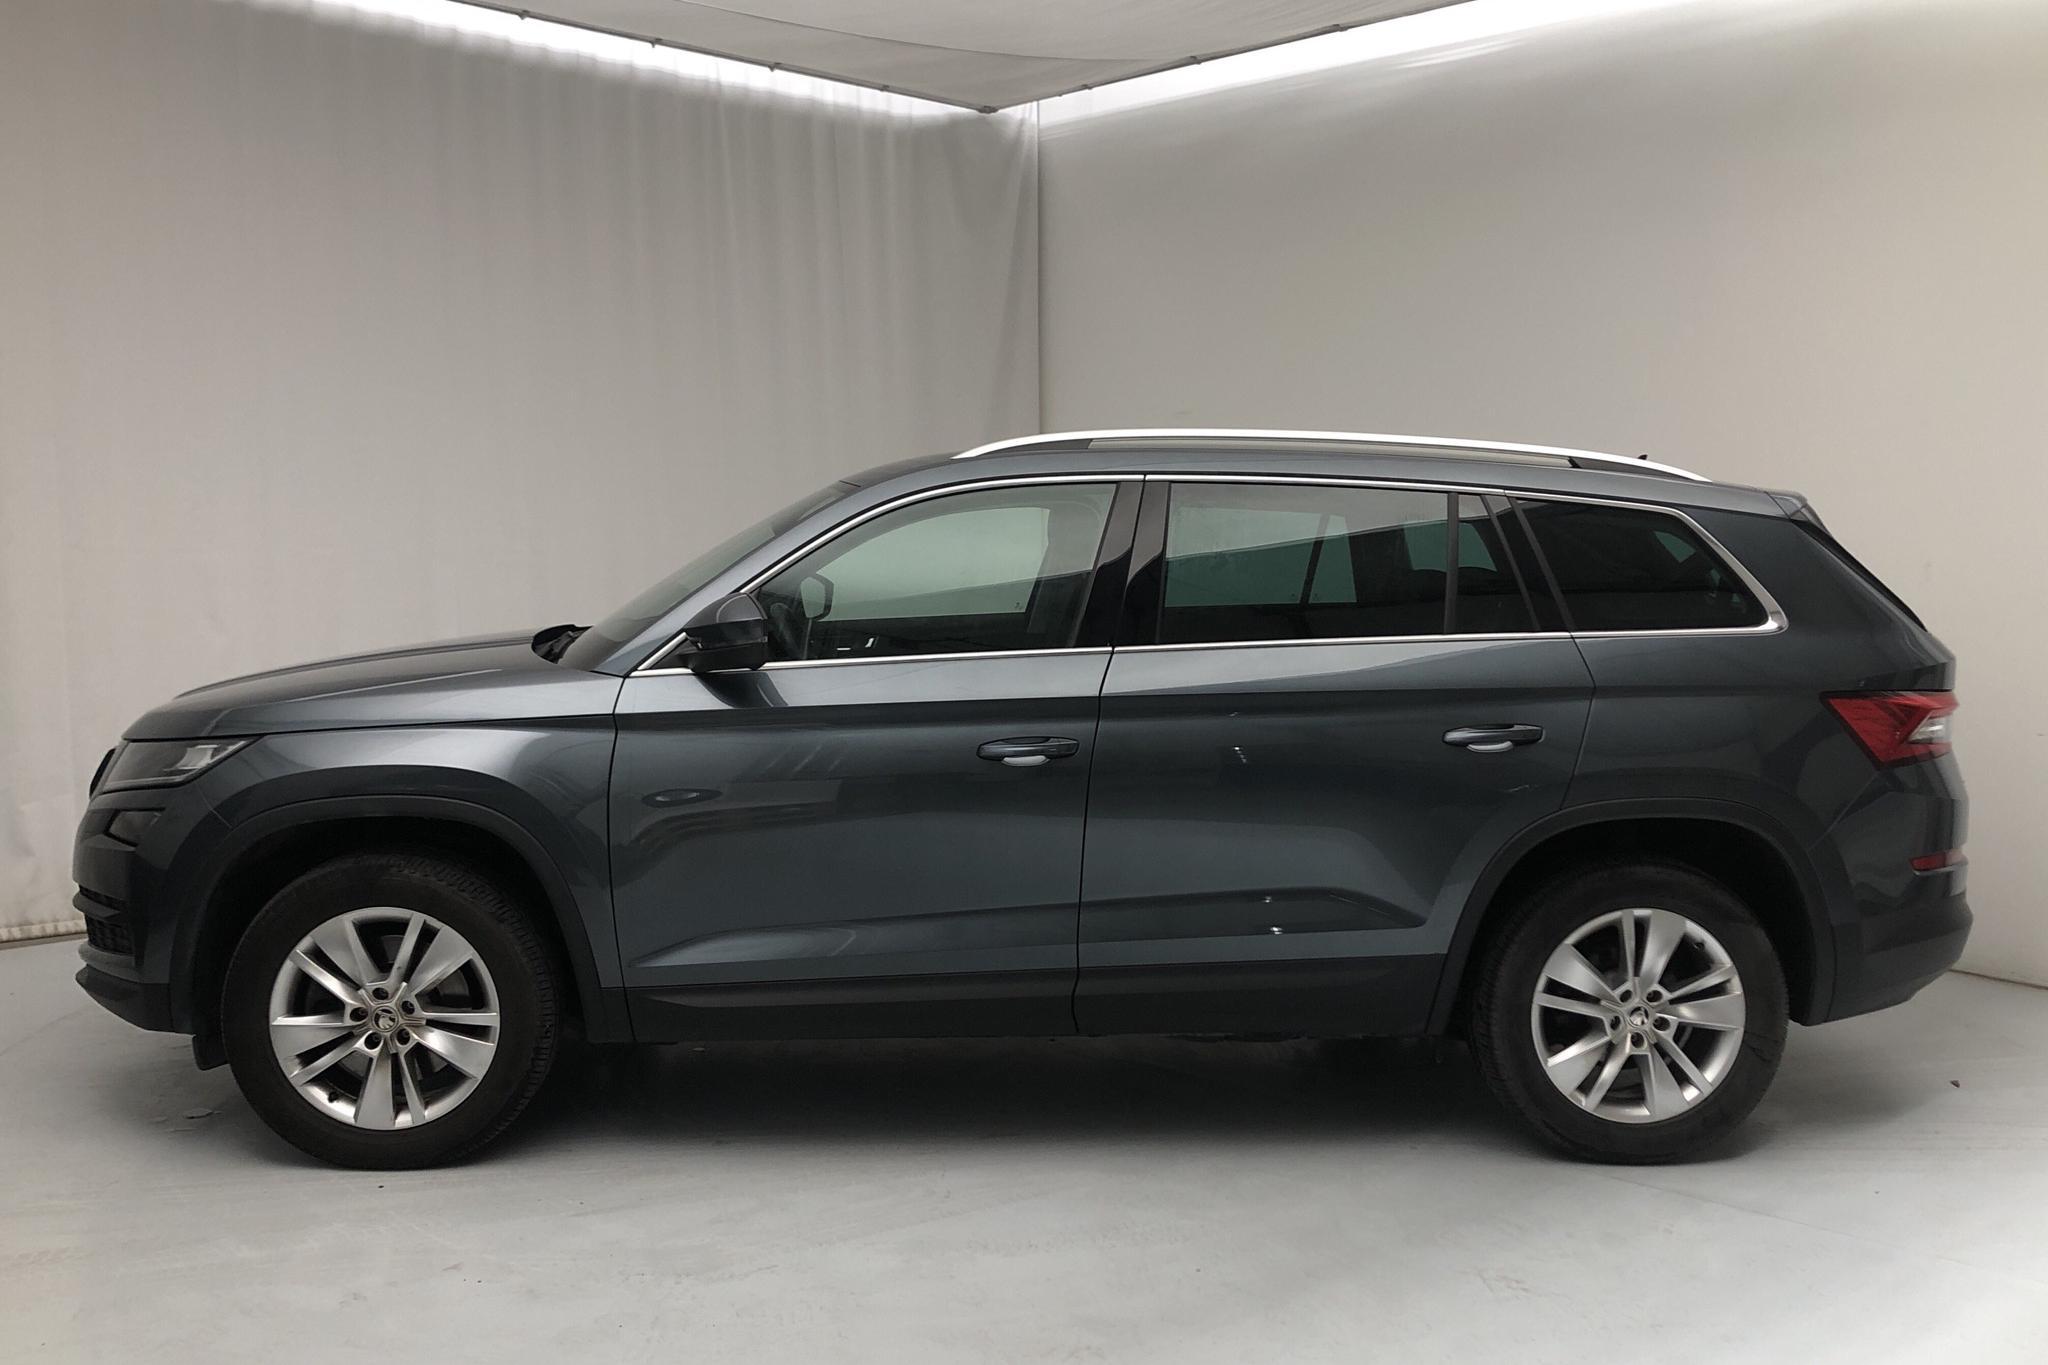 Skoda Kodiaq 2.0 TSI 4X4 (180hk) - 63 010 km - Automatic - gray - 2018